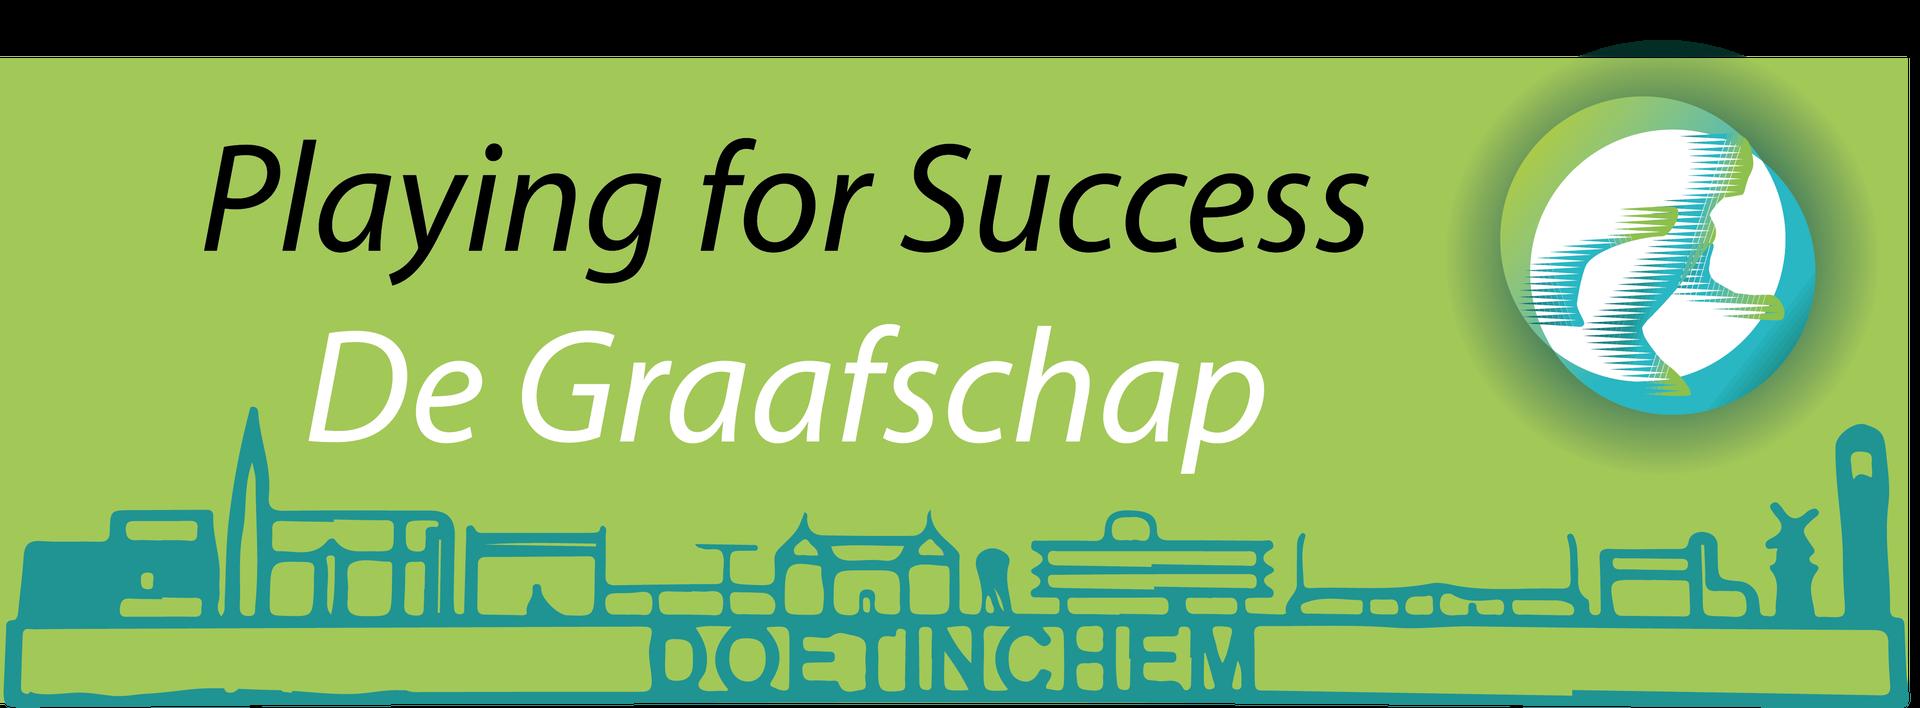 Playing for Success De Graafschap